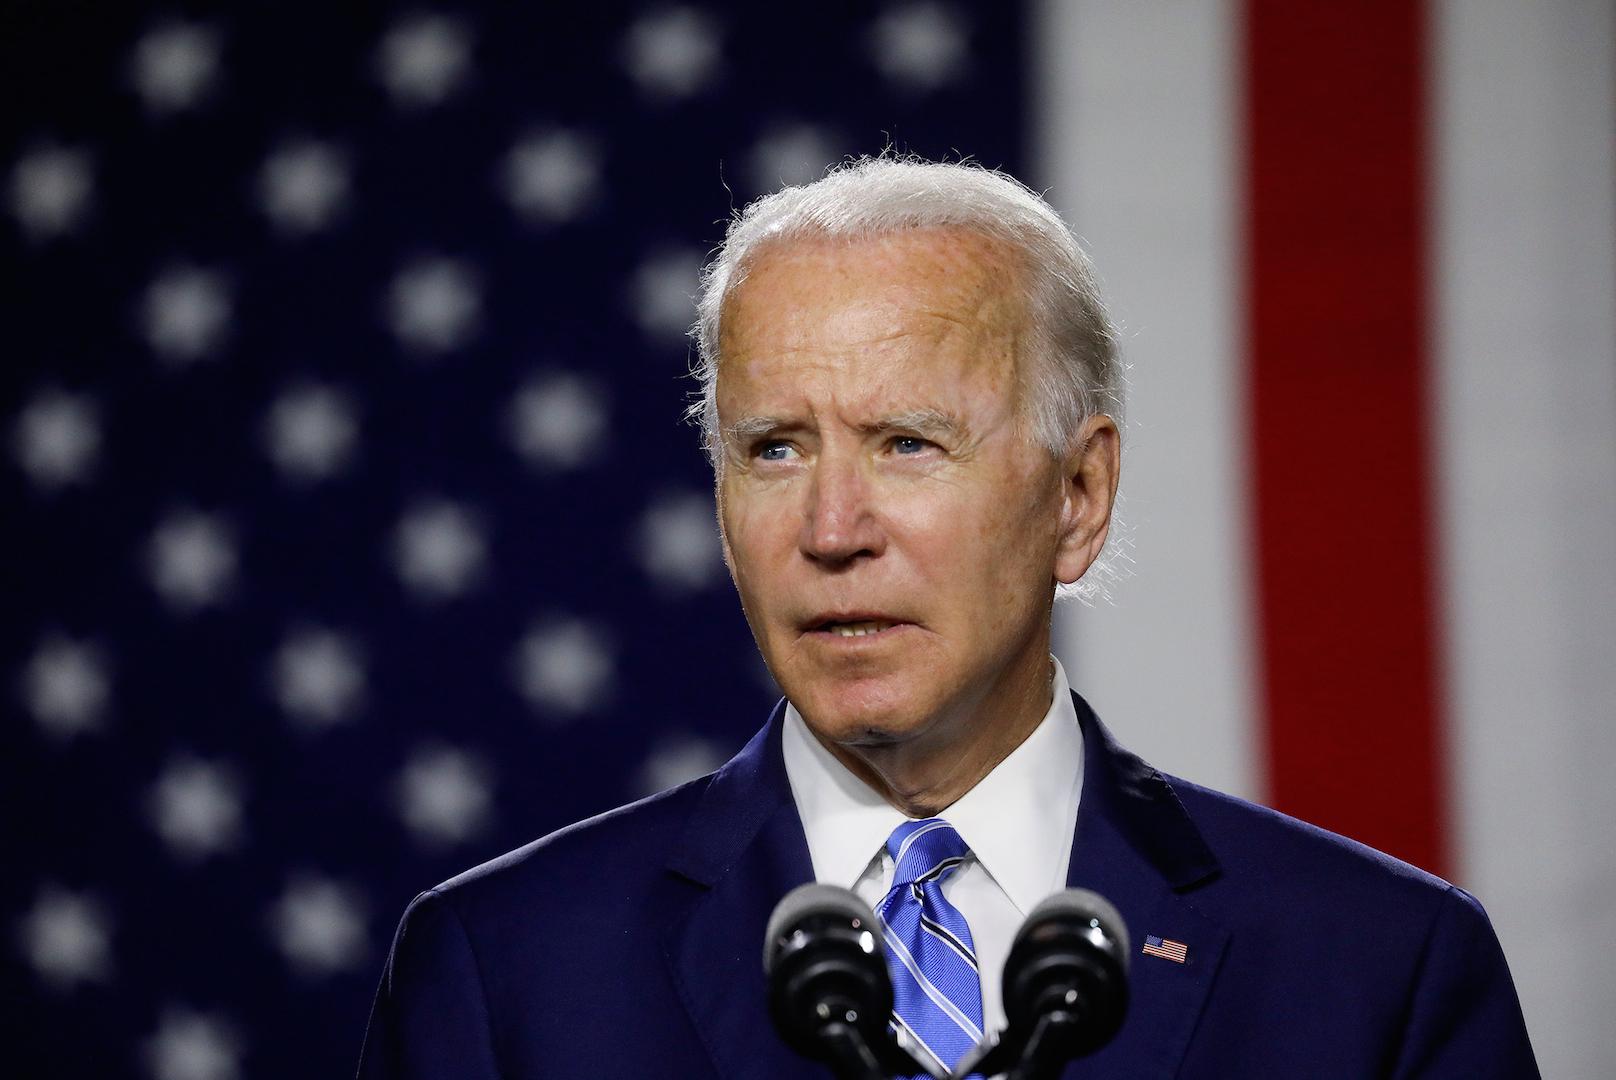 Le candidat démocrate à la présidentielle américaine, Joe Biden, lors d'une conférence de presse à Wilmington, Delaware, le 14 juillet 2020. (Source : NBC)